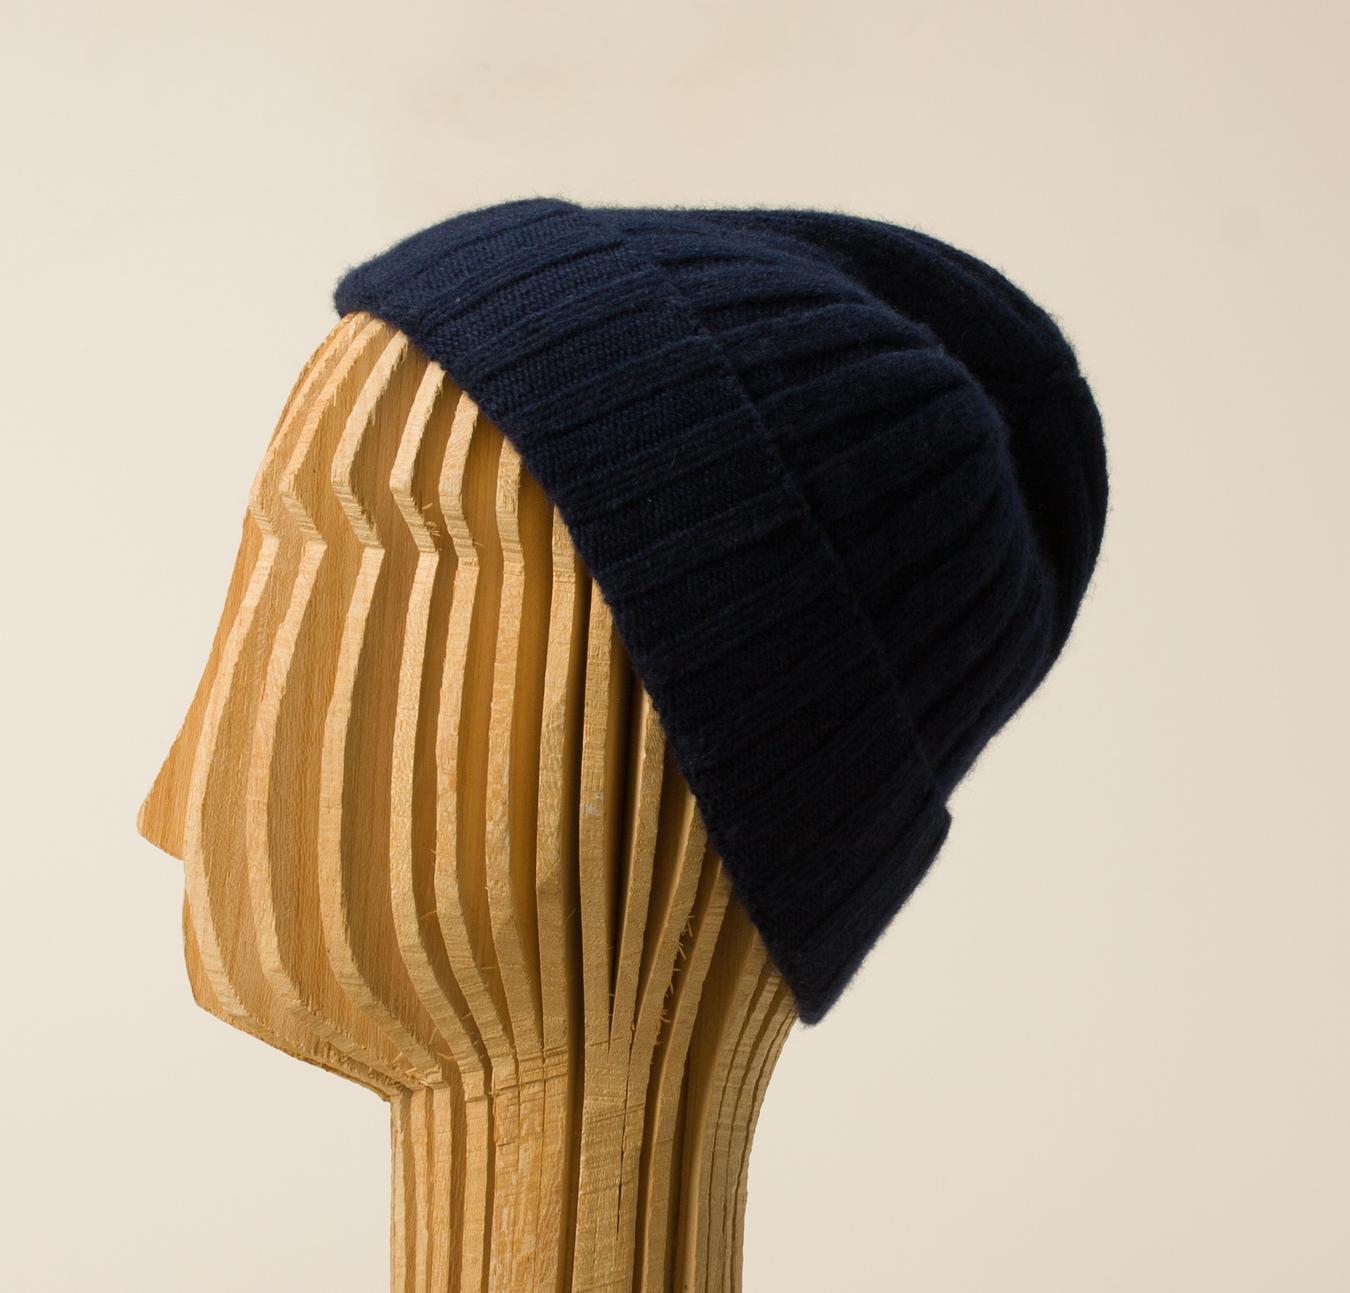 2a8dab8f096db0 Blui Damen-Acces. Mütze in dunkelblau kaufen   Zumnorde Online-Shop